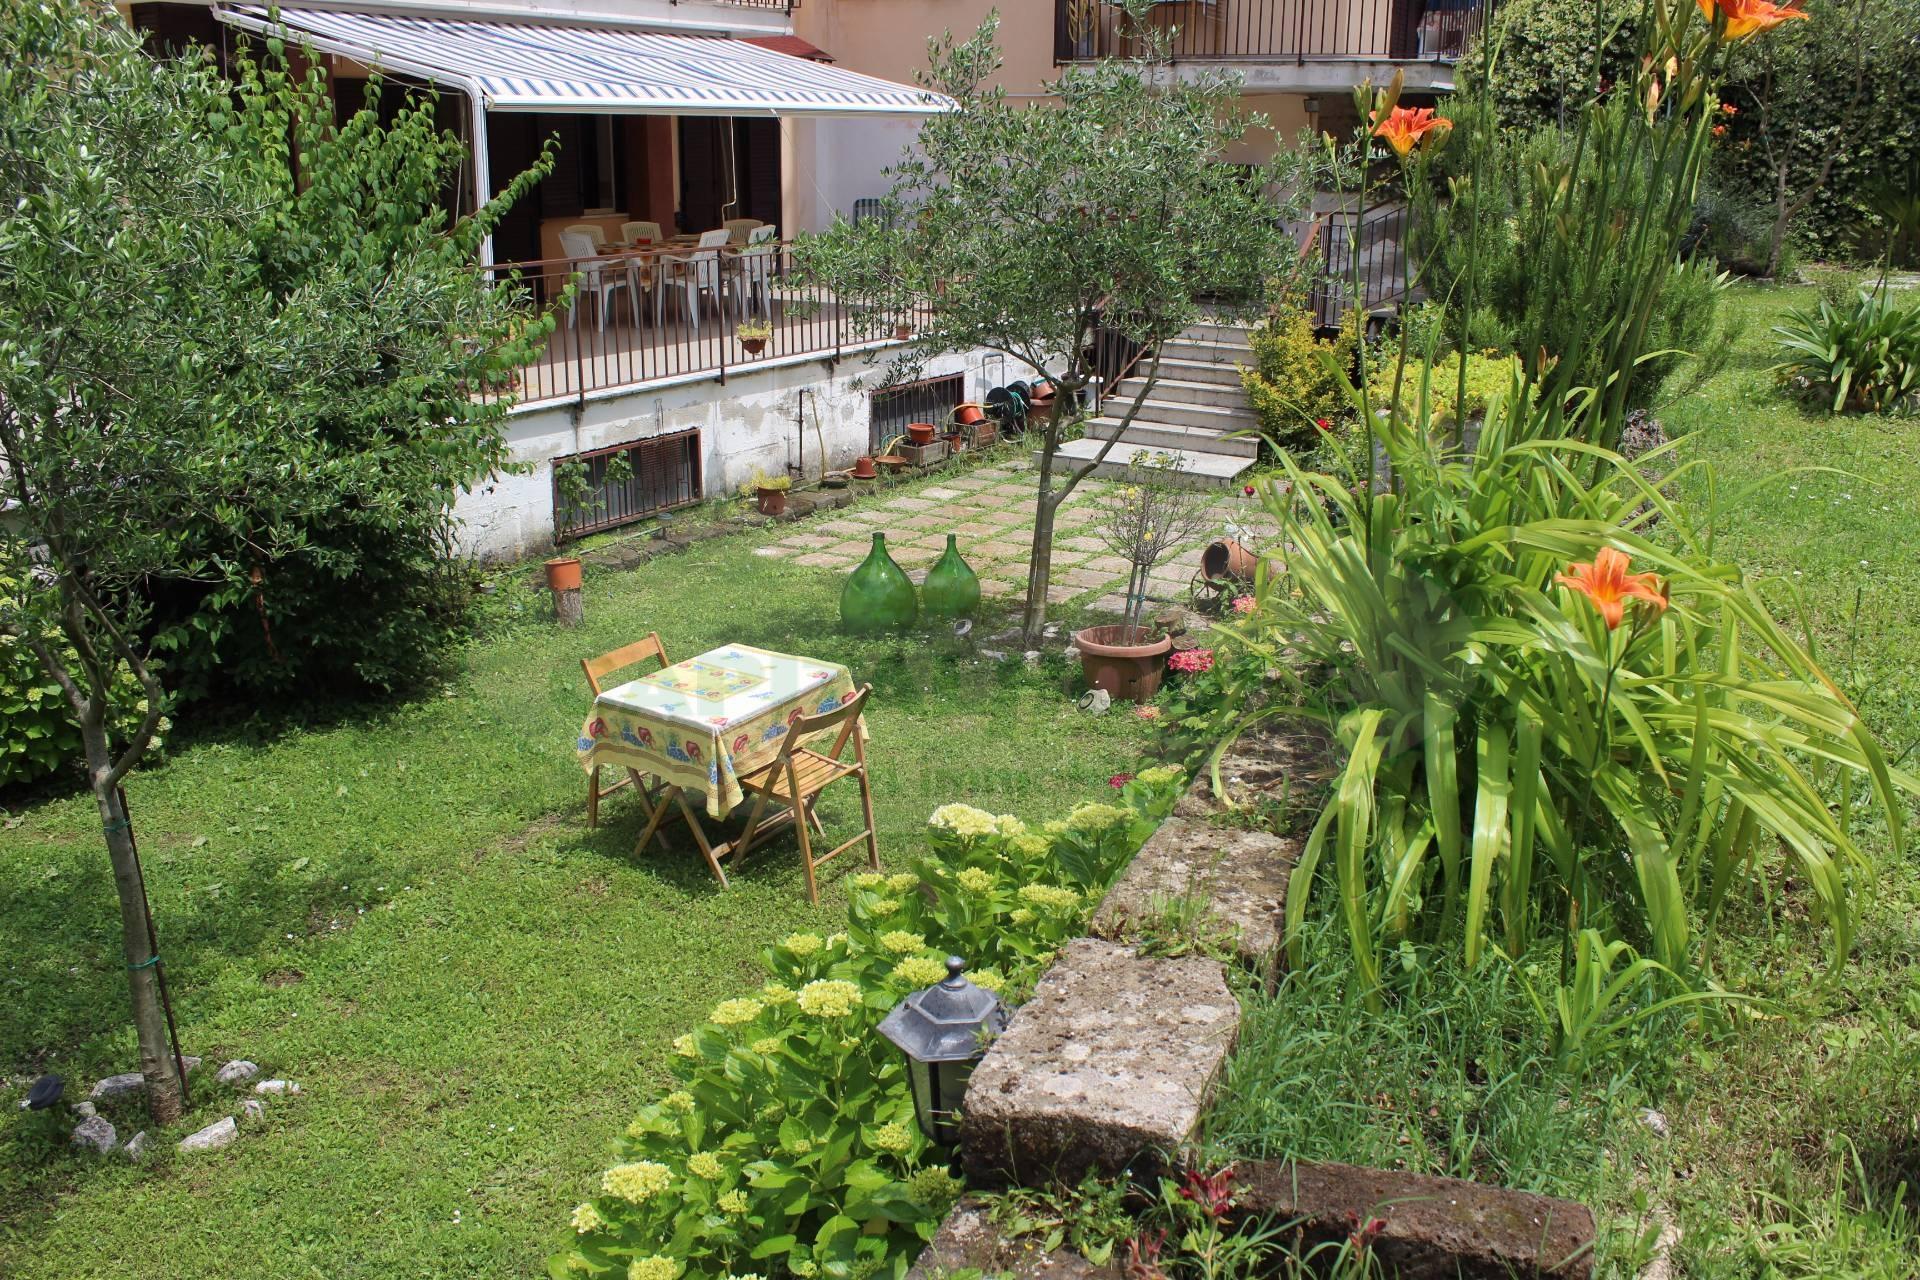 Appartamento in vendita a Monteforte Irpino, 3 locali, zona Località: Breccelle, prezzo € 125.000 | CambioCasa.it